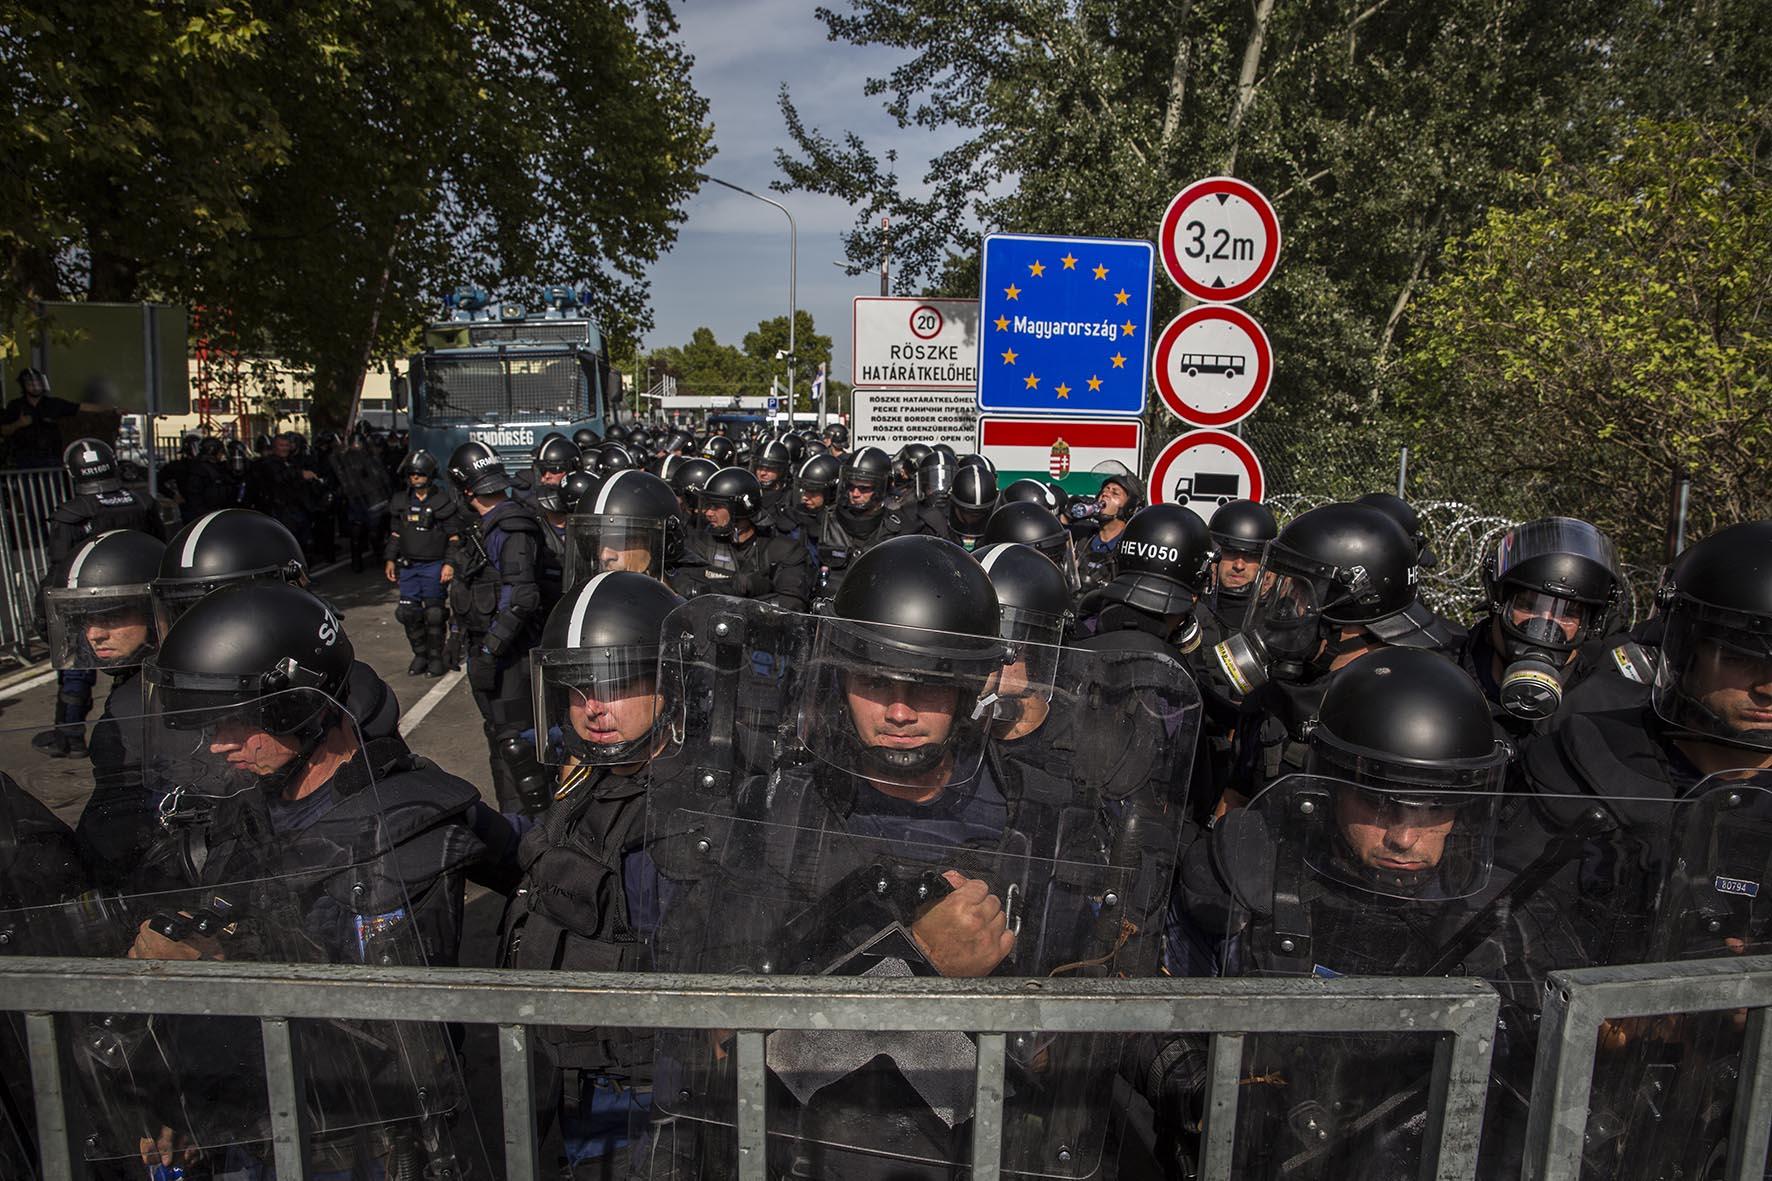 En porCausa revisamos el caso europeo como escenario del auge del populismo antimigratorio que está contaminando el discurso político.